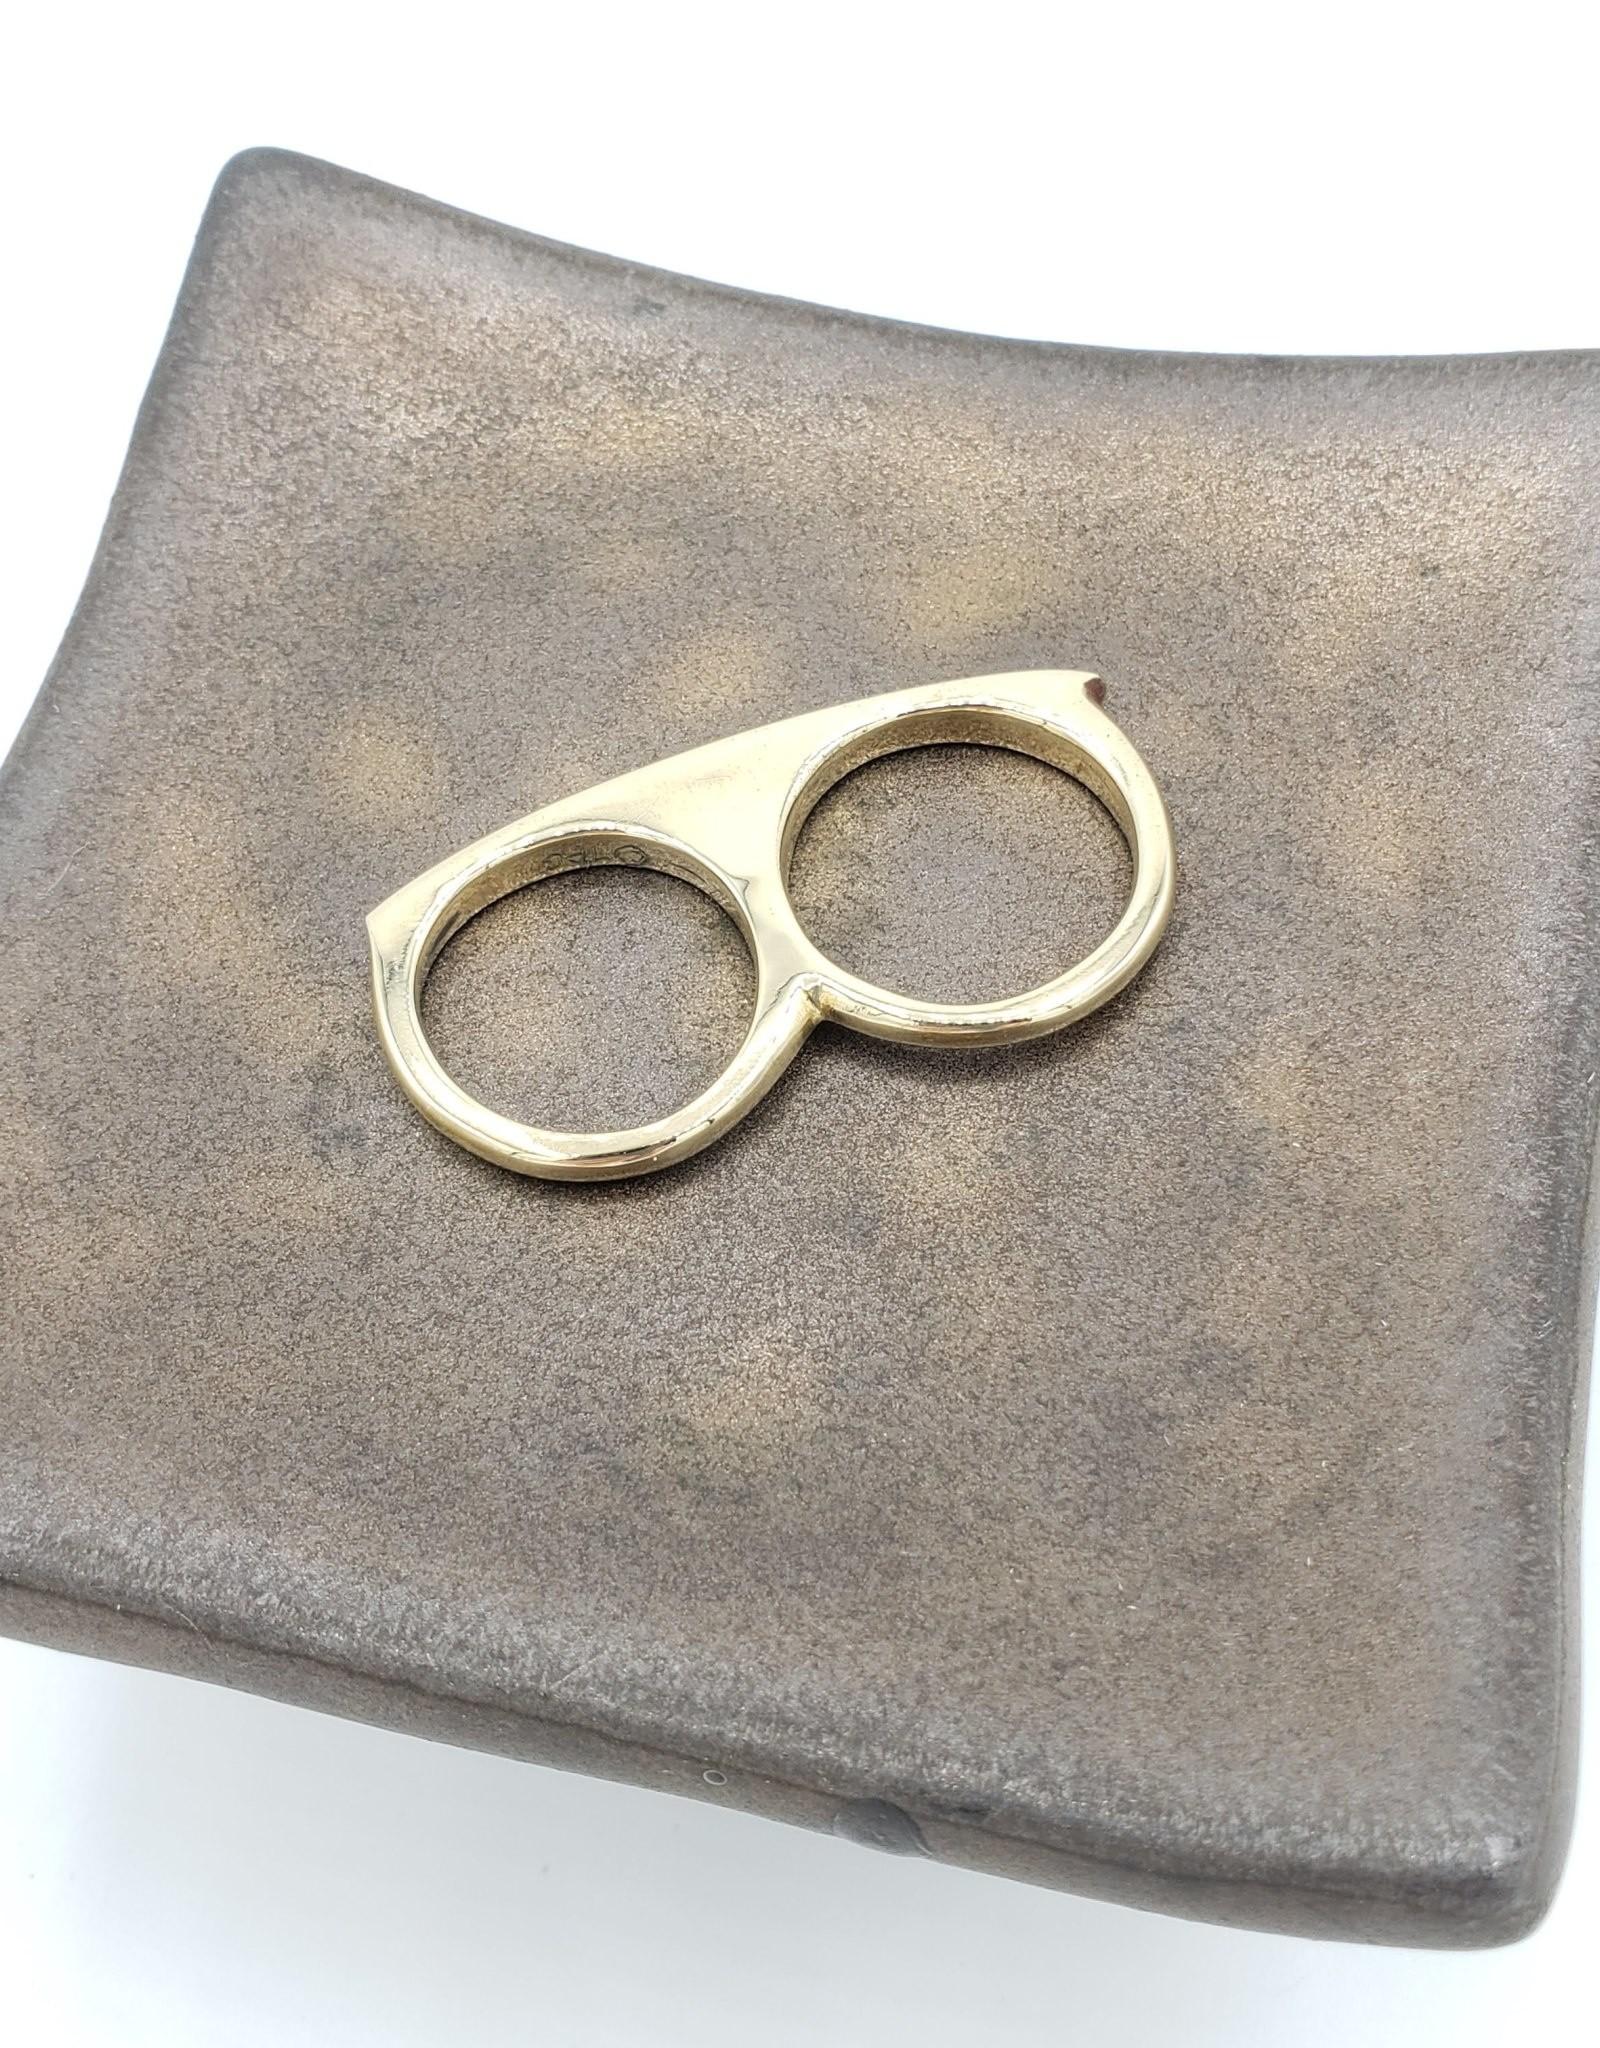 Redux Double Finger Ring